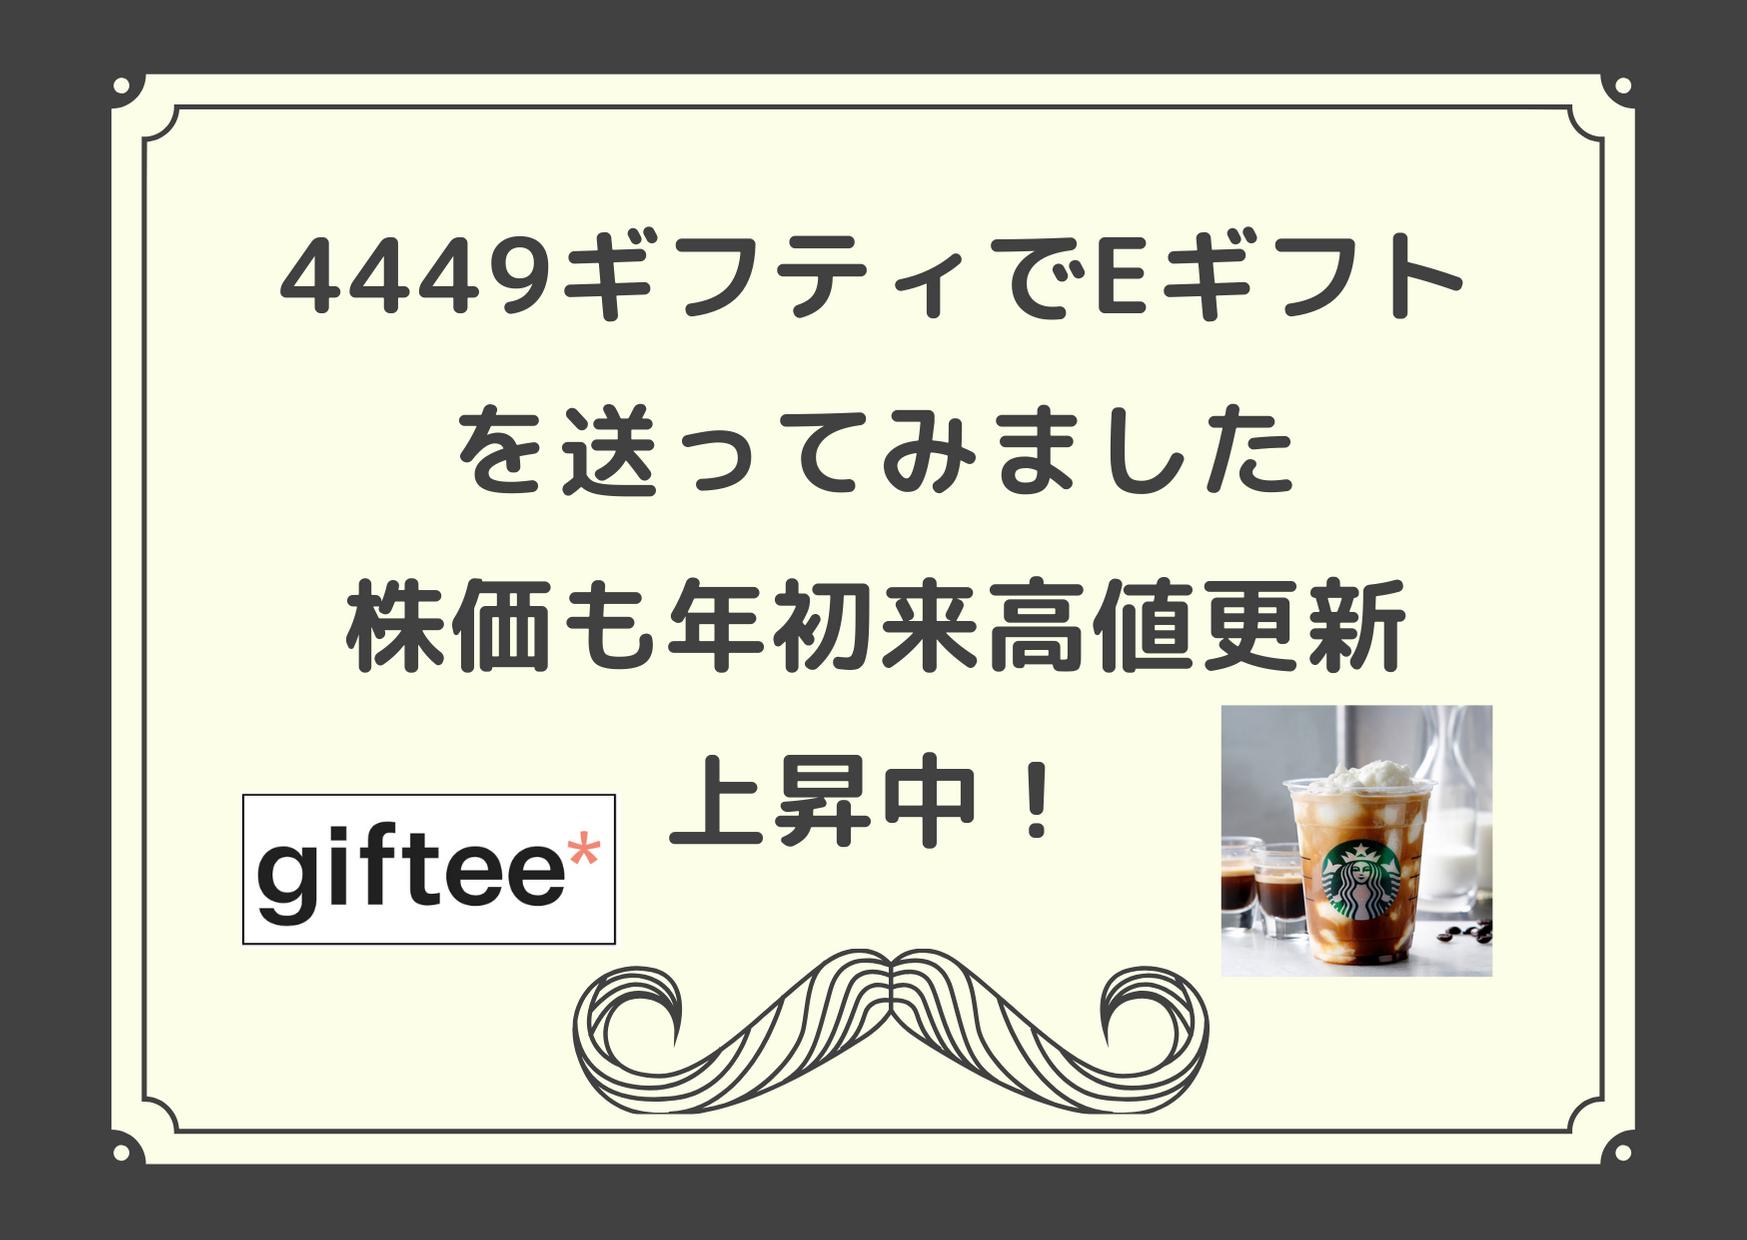 4449ギフティでEギフトを送ってみました。株価も年初来高値更新で上昇中!